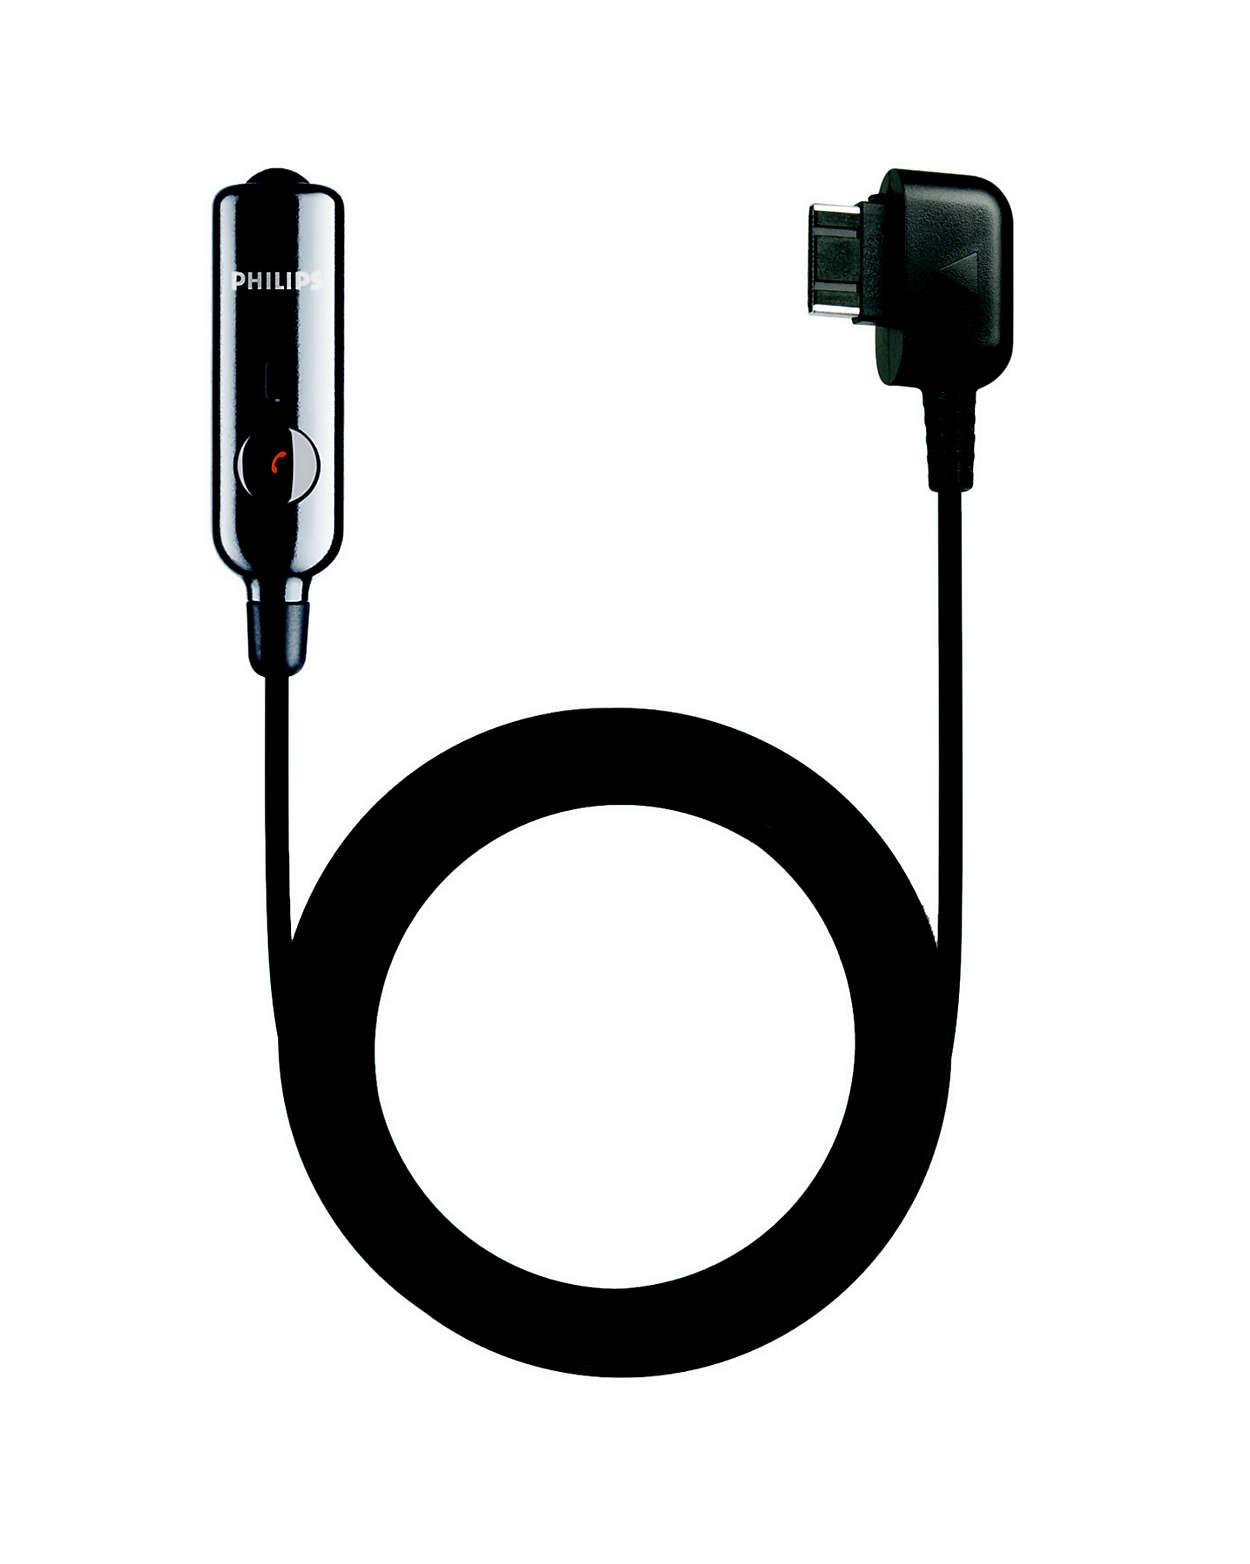 升級您的耳筒